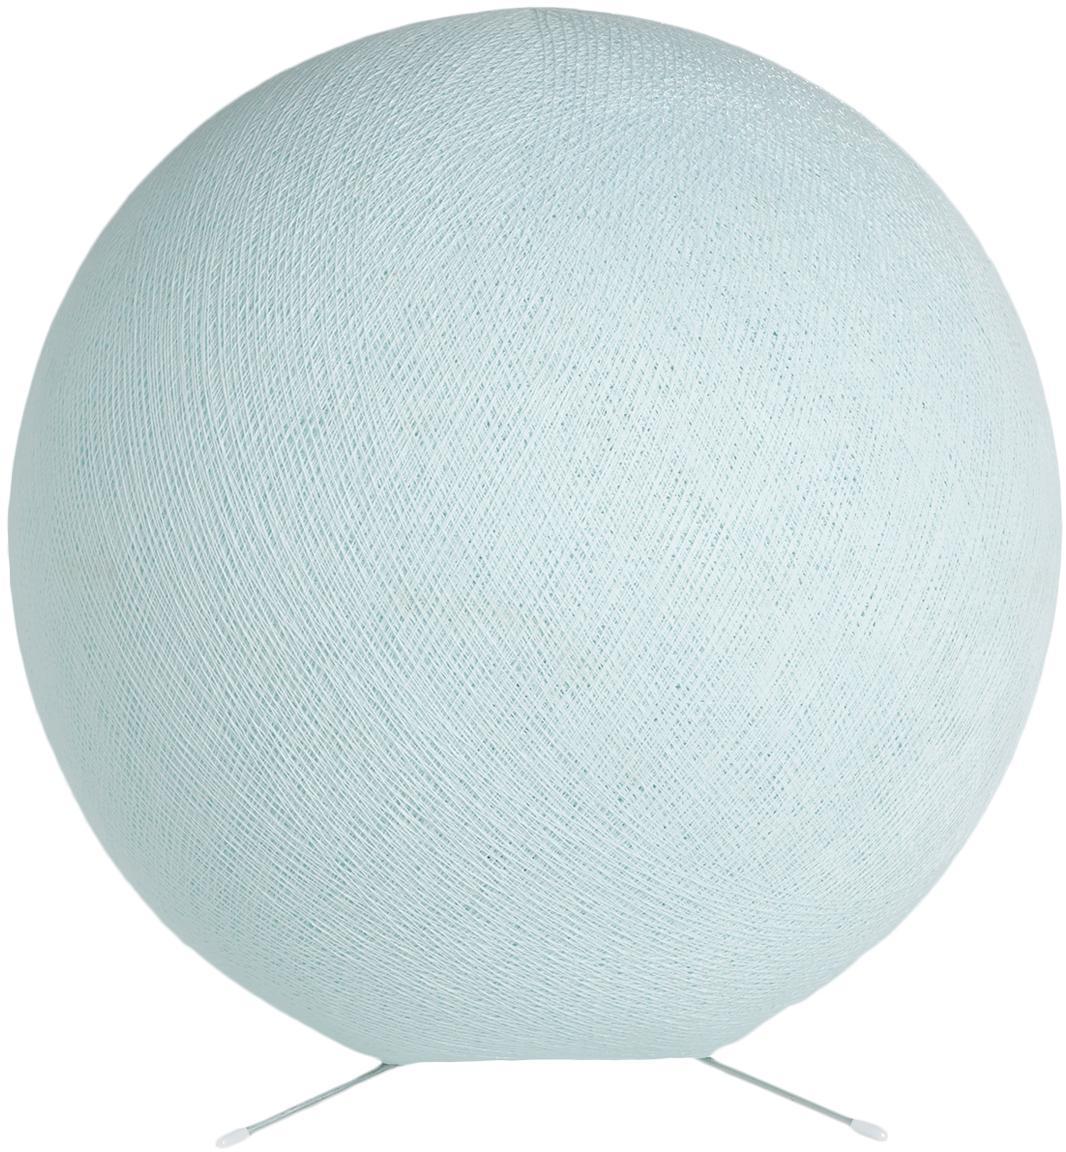 Lampada da tavolo Colorain, Azzurro, Ø 36 cm